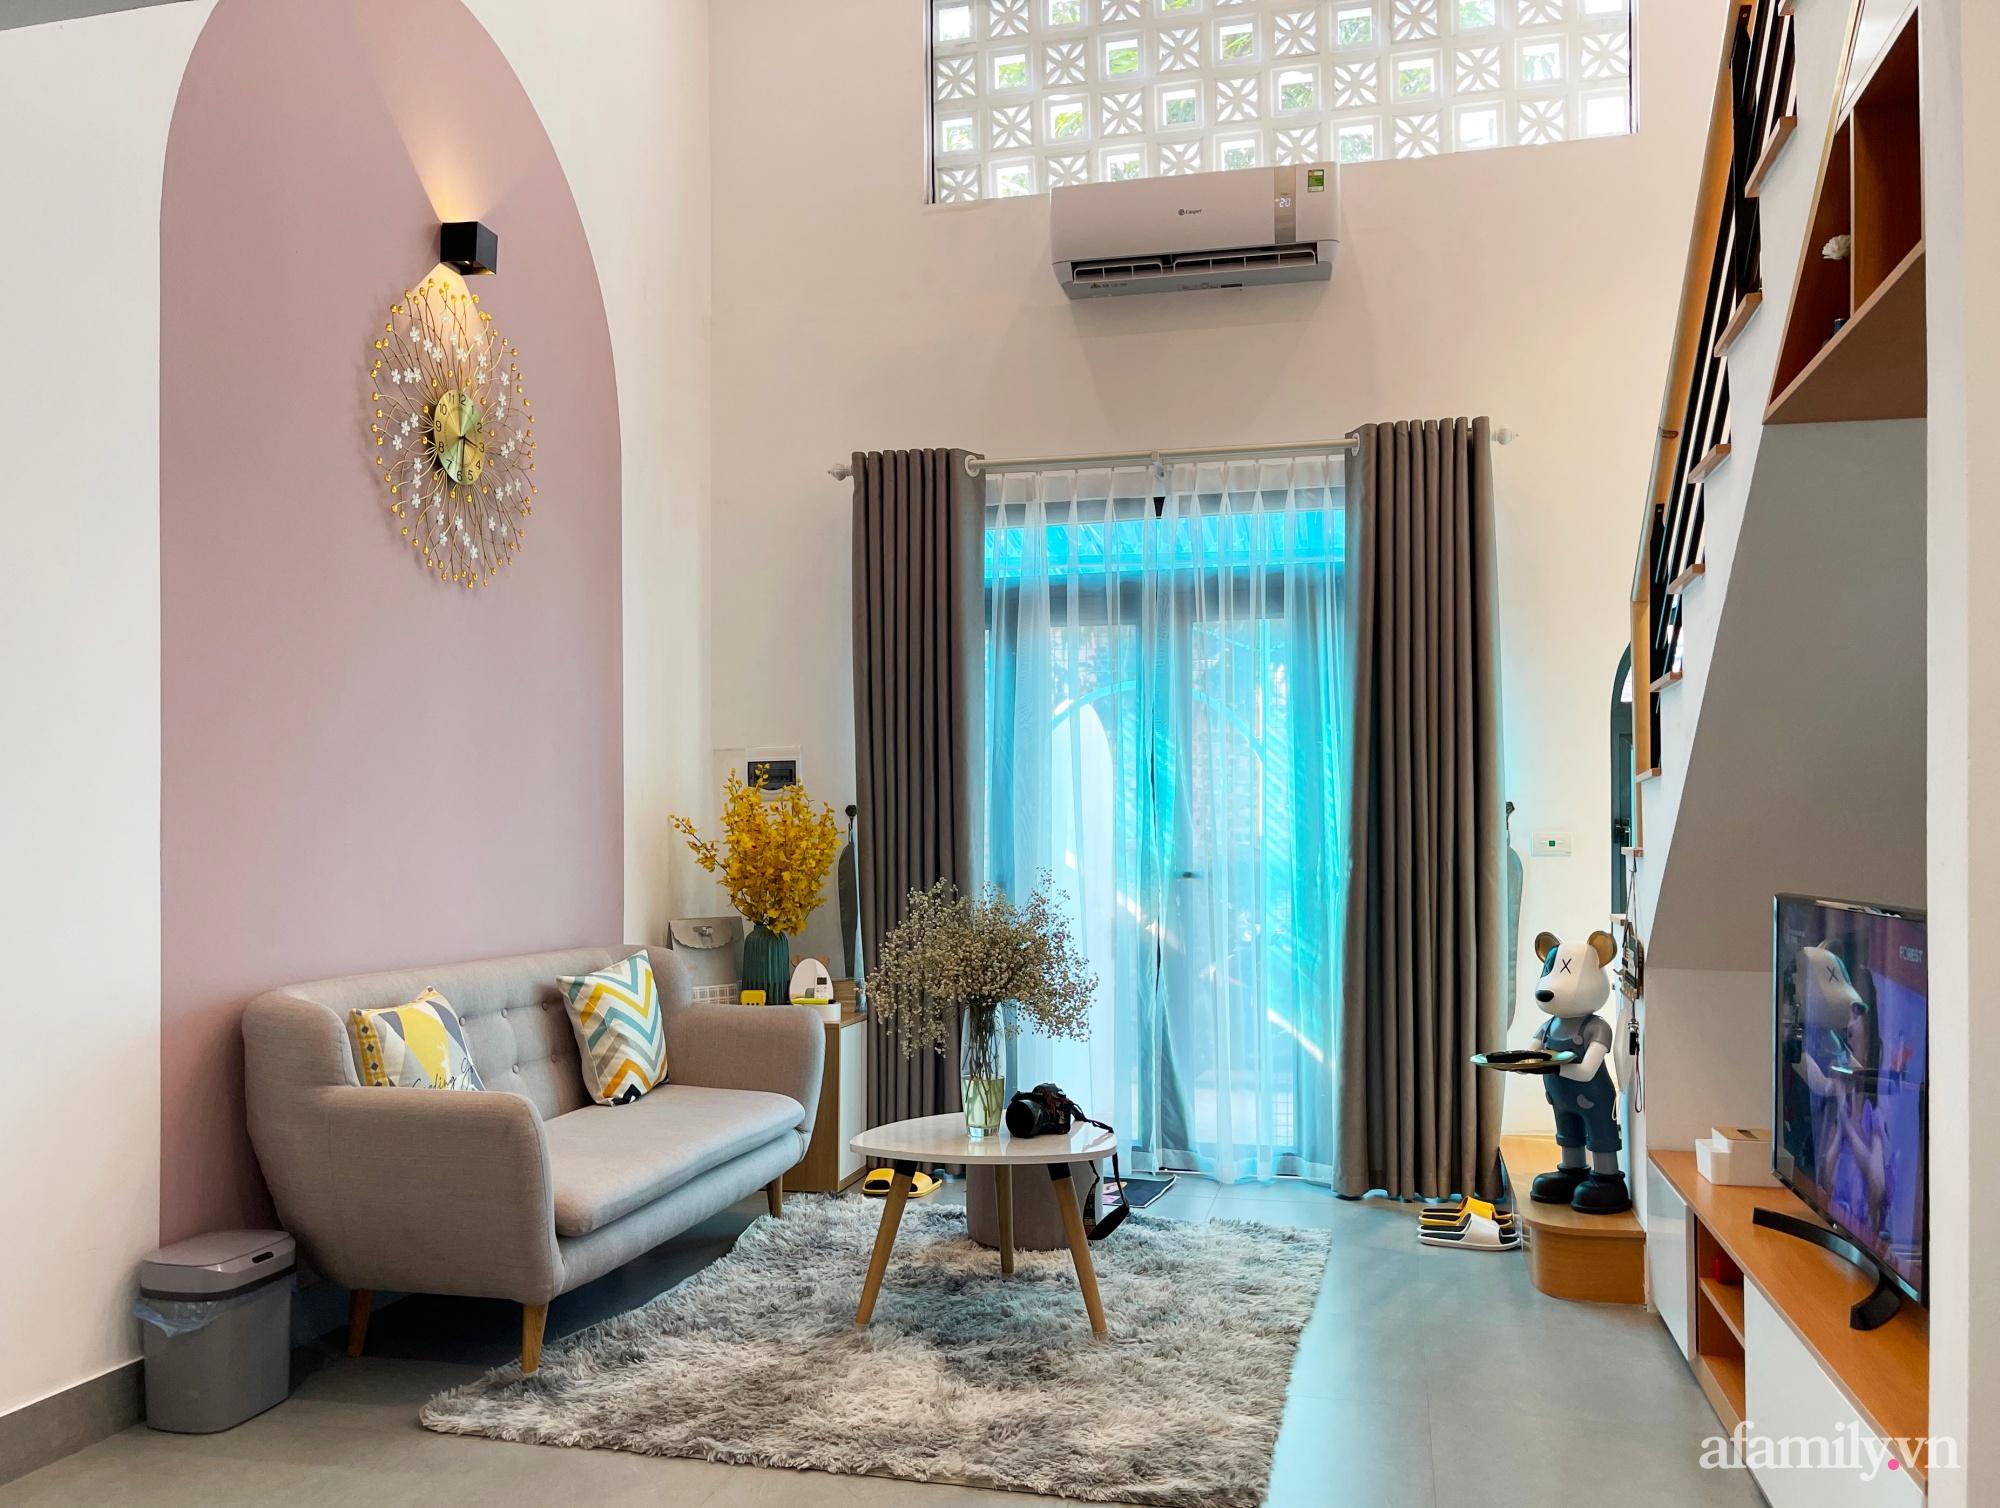 Căn nhà 58m2 được xây dựng đầy đủ chức năng hiện đại của cặp vợ chồng Bắc Ninh có tổng lương 25 triệu/tháng - Ảnh 5.